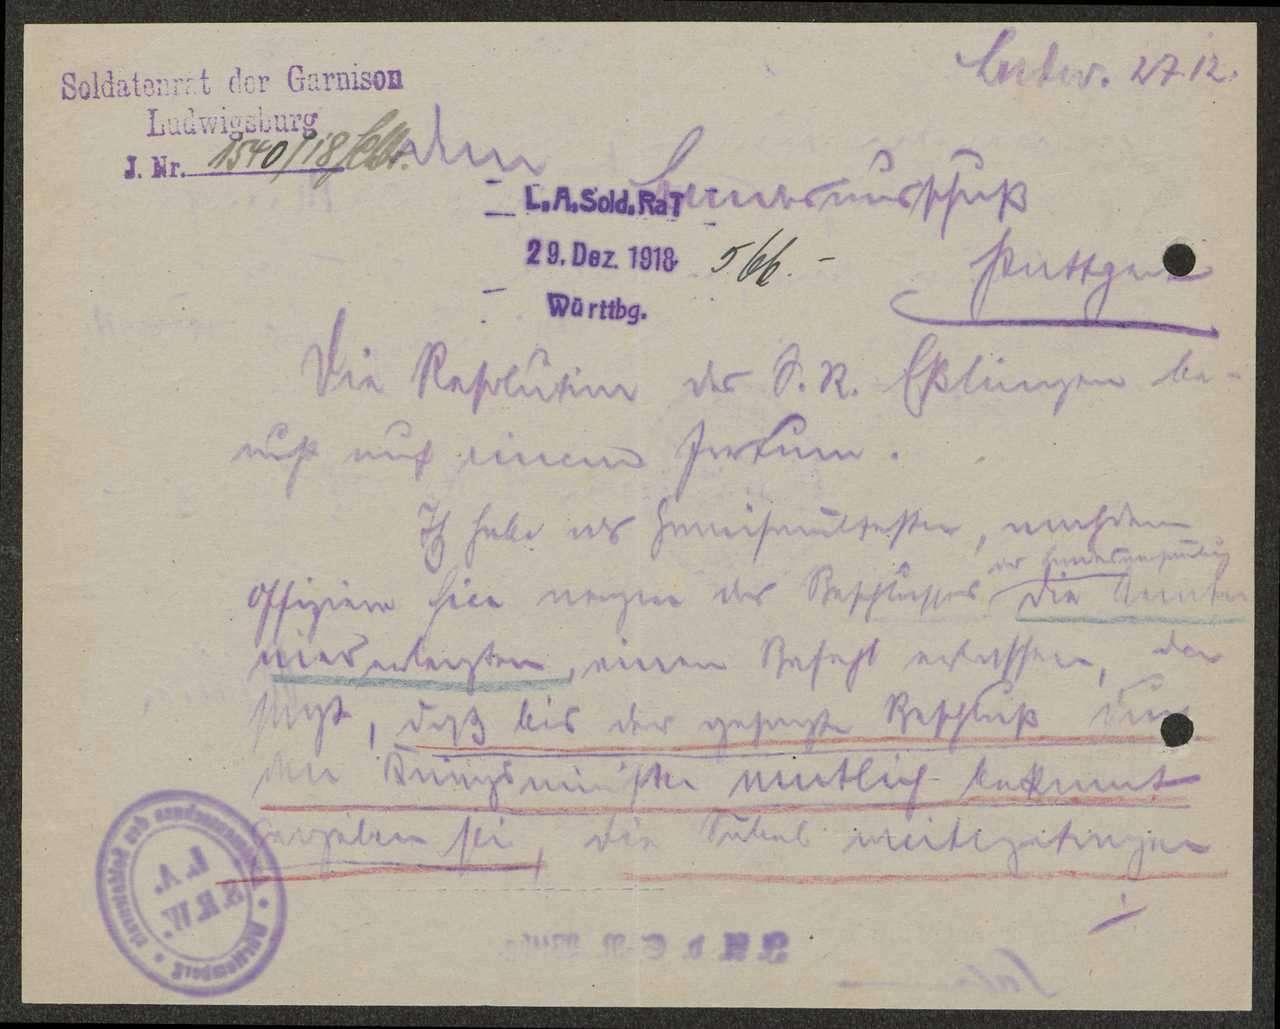 Resolution des Garnisonrats Esslingen gegen einen Beschluss des Garnisonrats Ludwigsburg über das Waffentragen für Militärpersonen, Bild 2